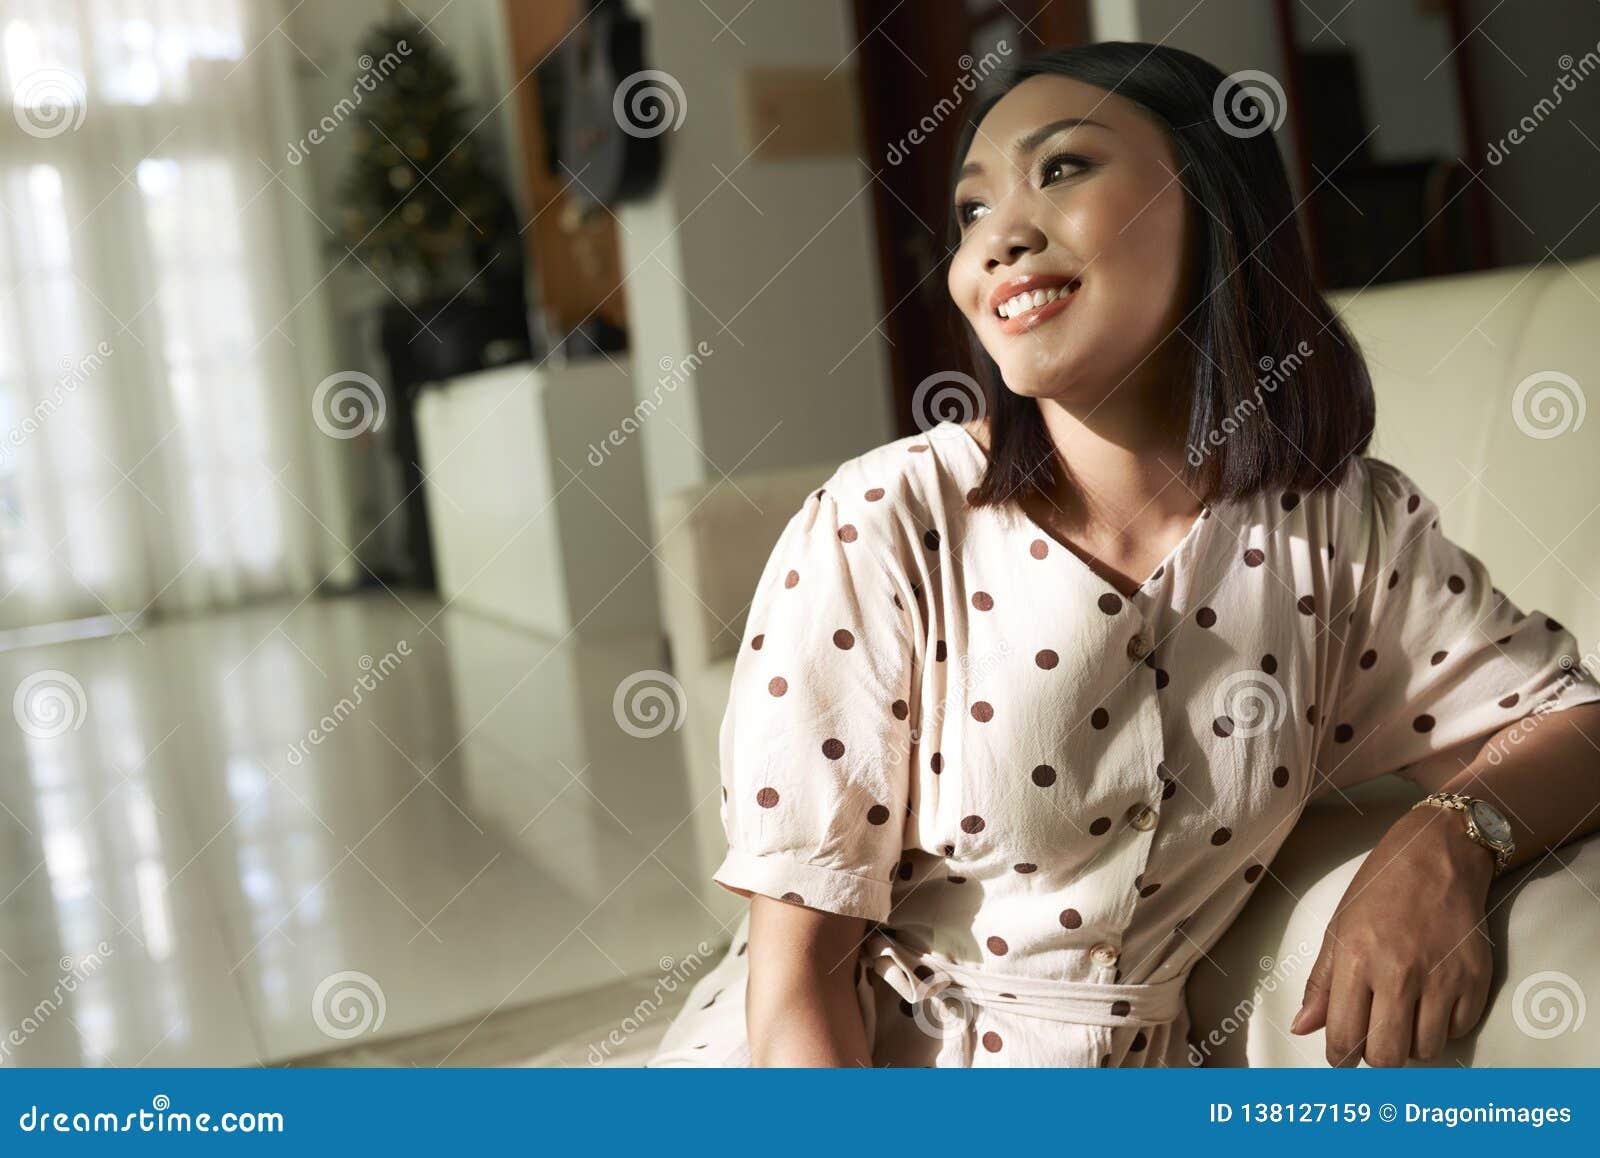 Herrliche lächelnde junge Frau